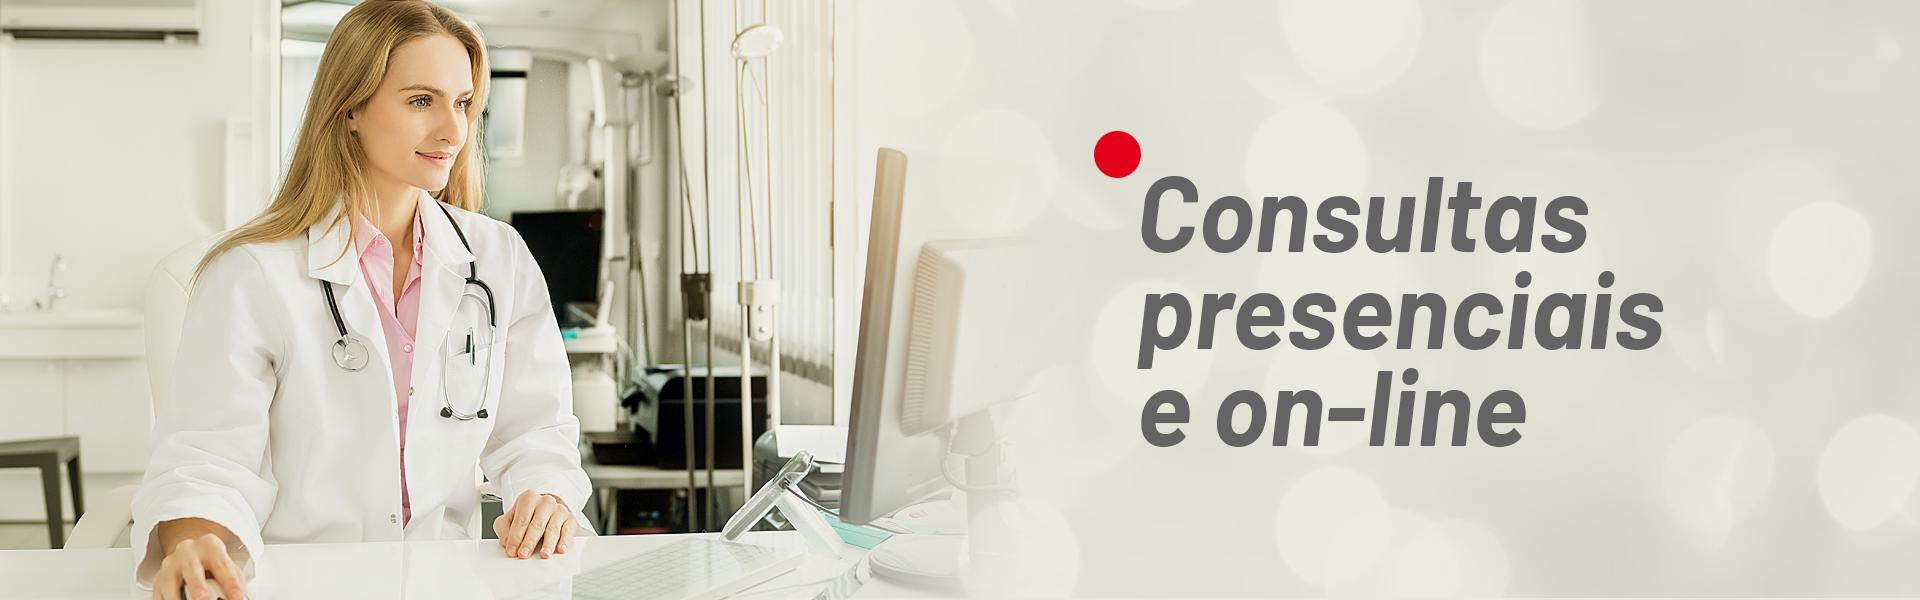 Consultas presenciais e on-line